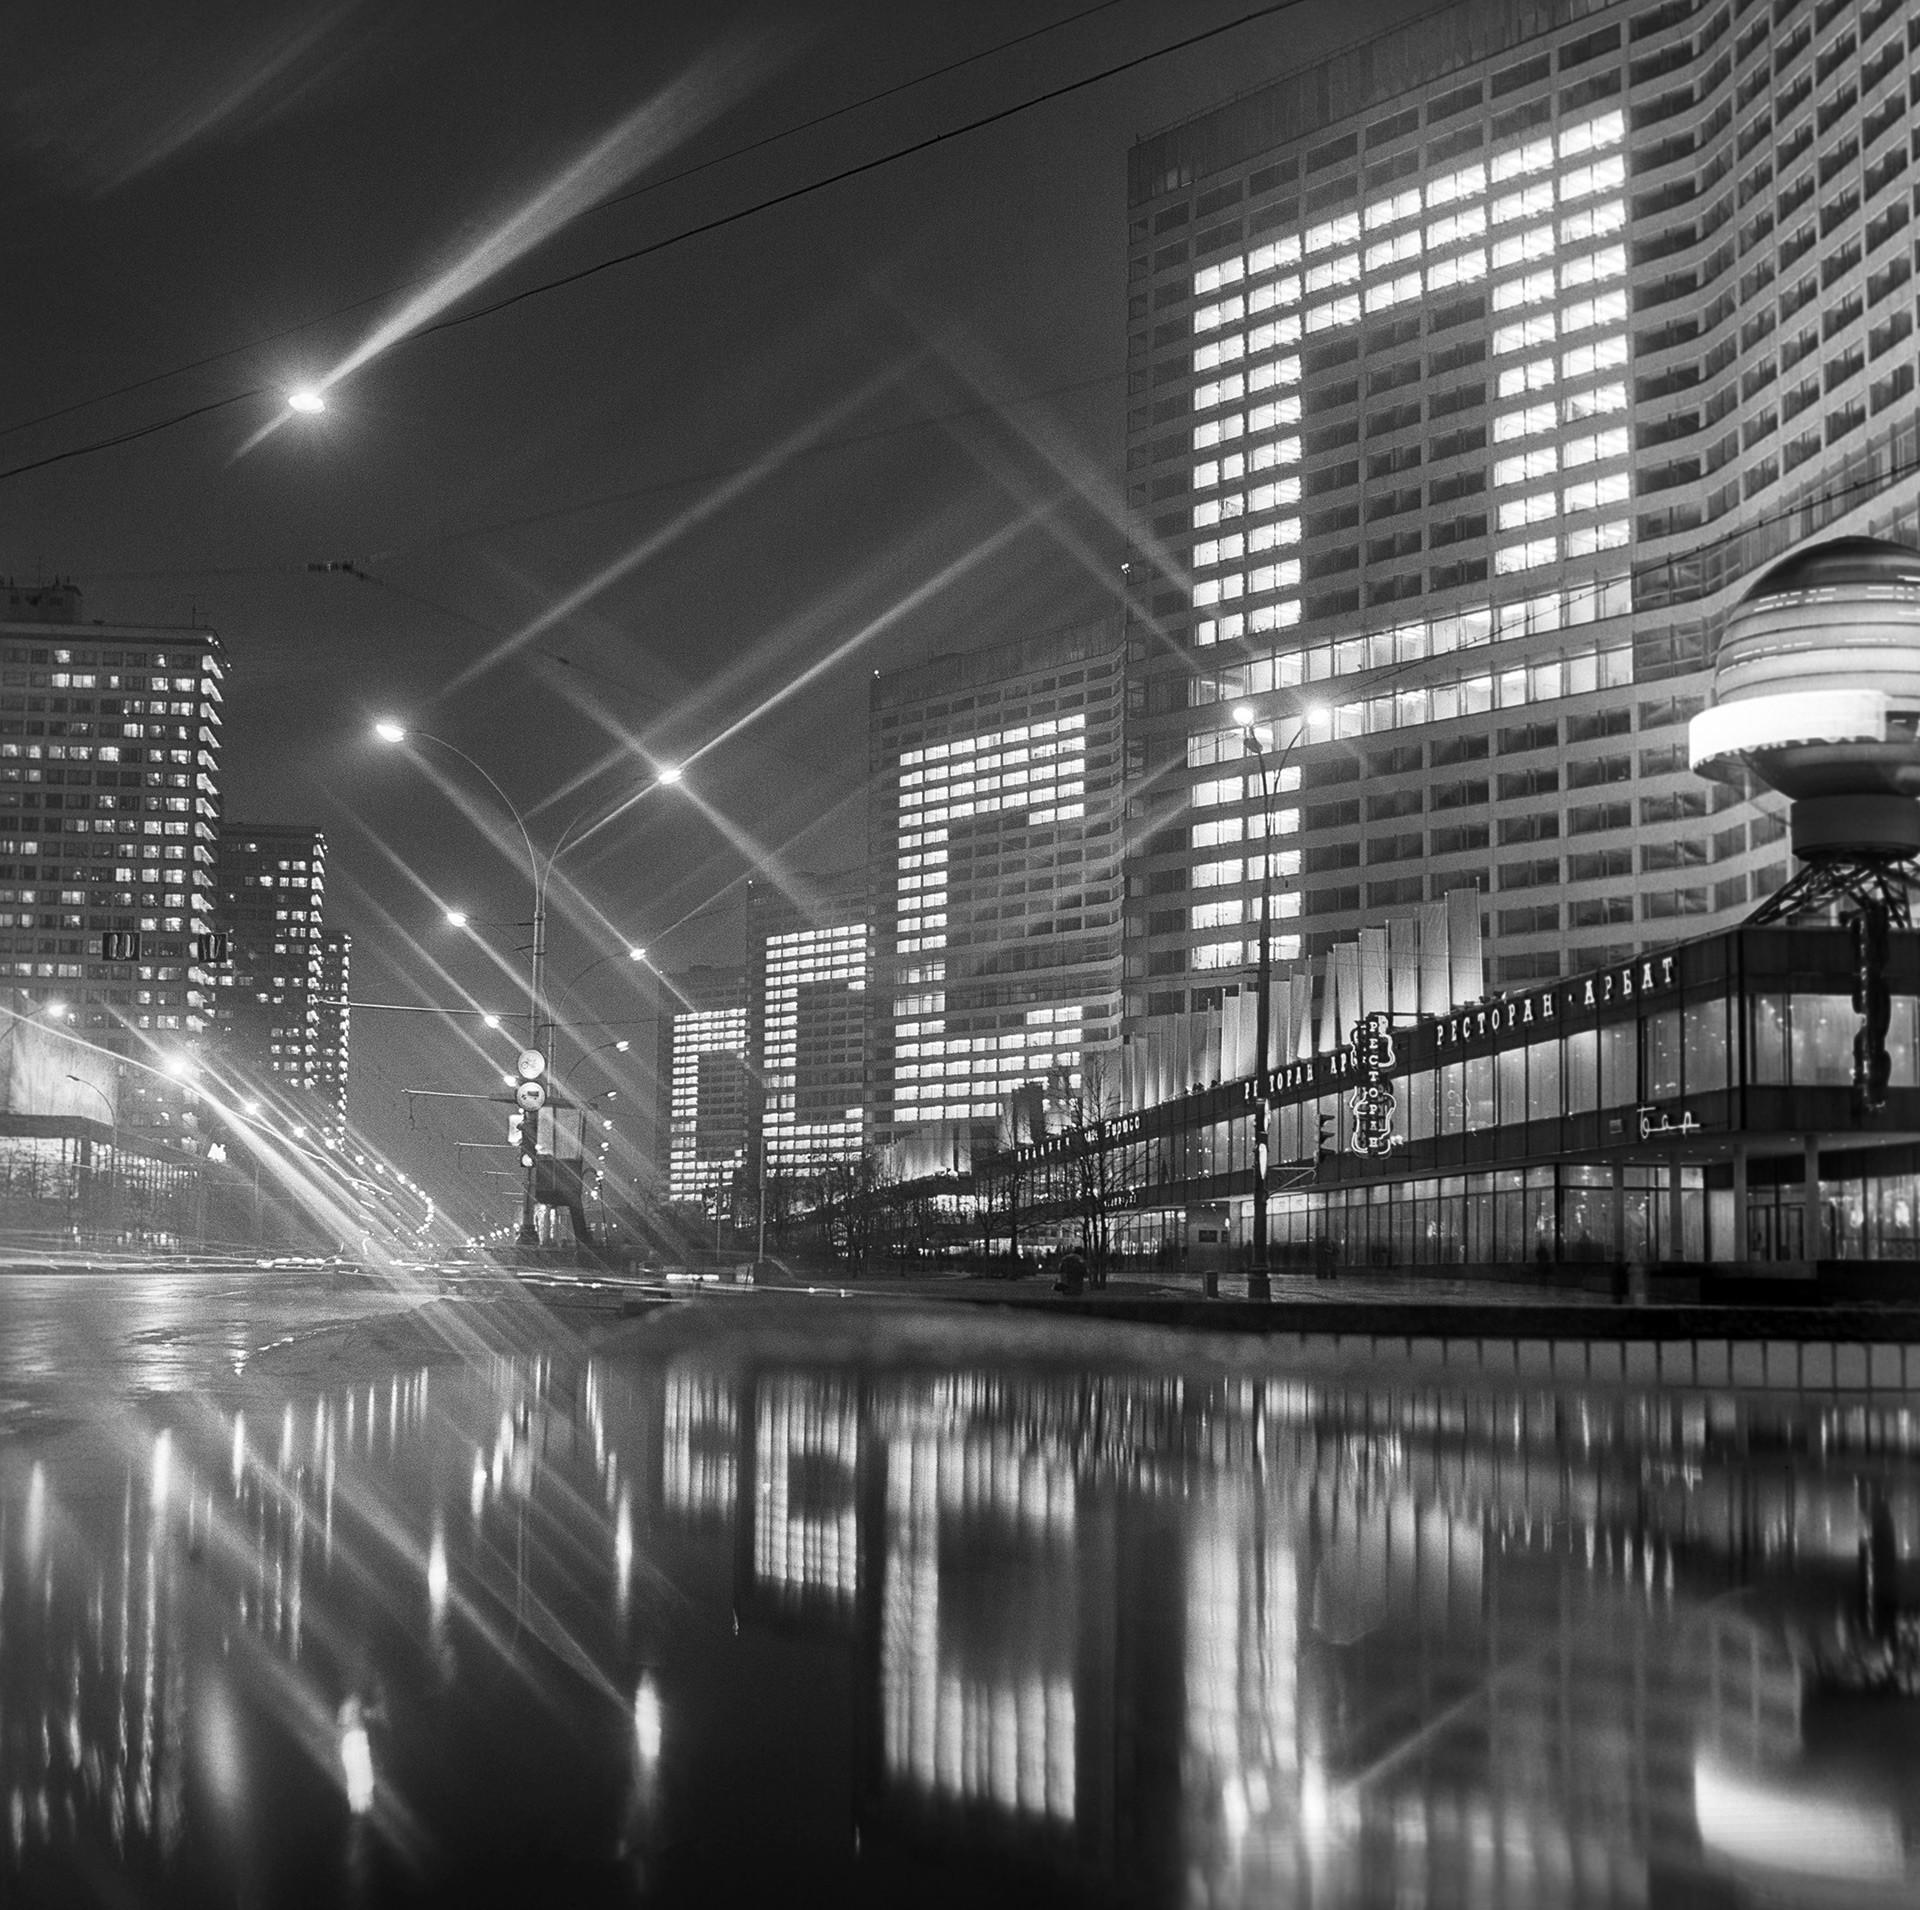 Калинински проспект, Москва, 1976 г.